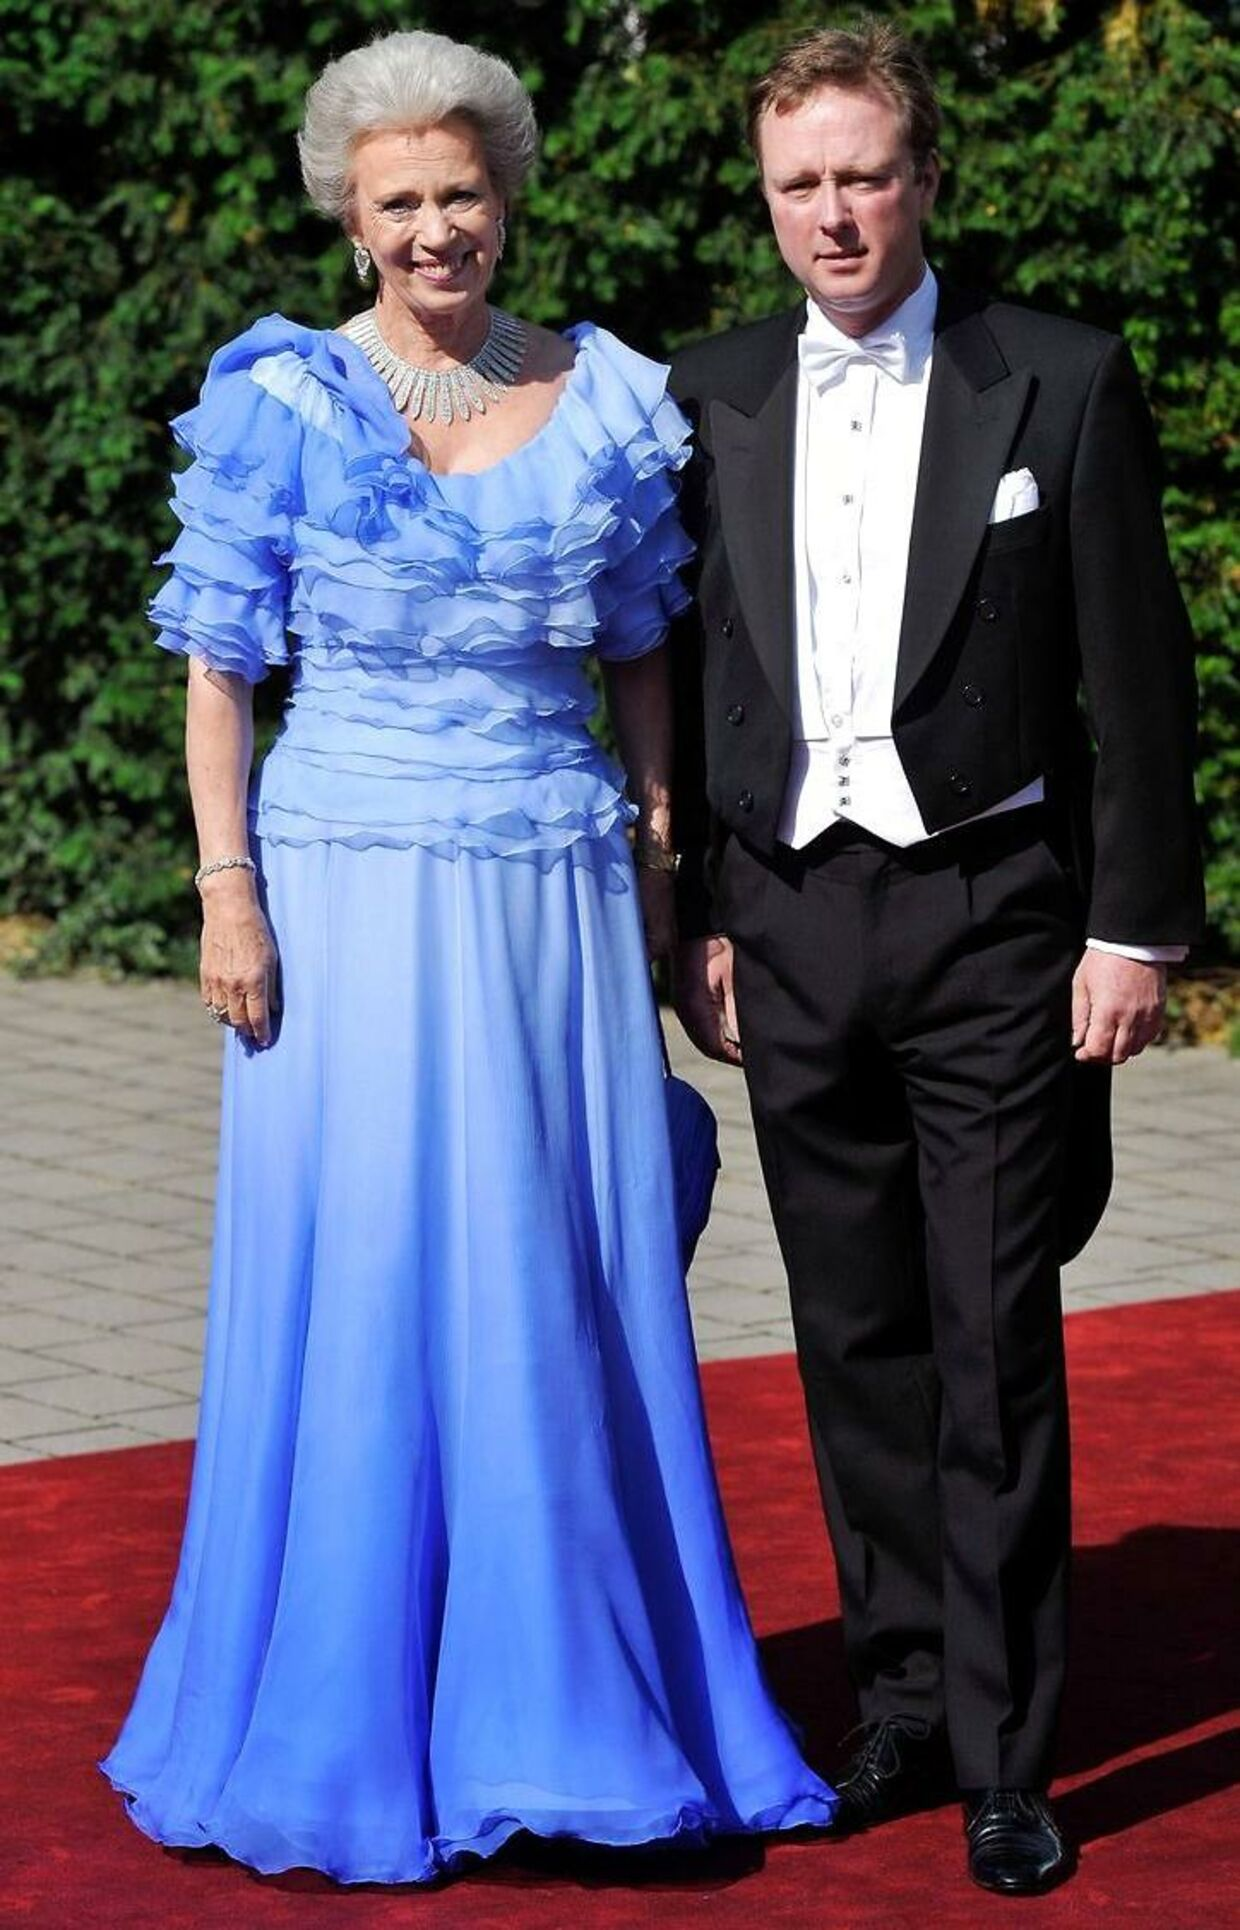 Prins Gustav af Berleburg er søn af danske prinsesse Benedikte.